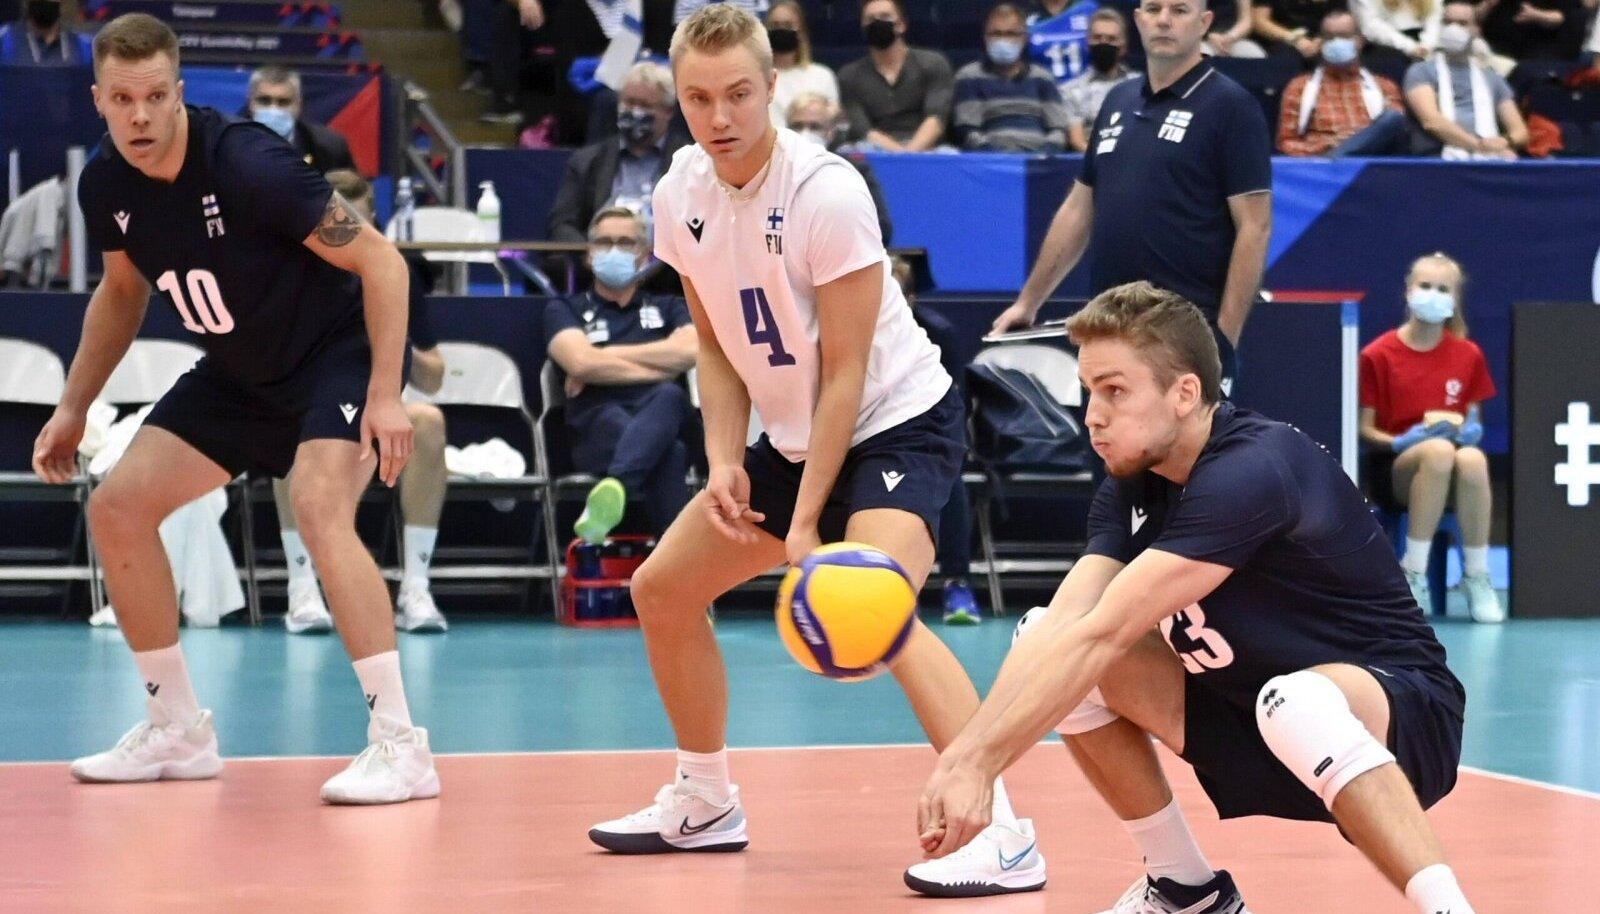 Vasakult Urpo Sivula, Lauri Kerminen ja Antti Mäkinen